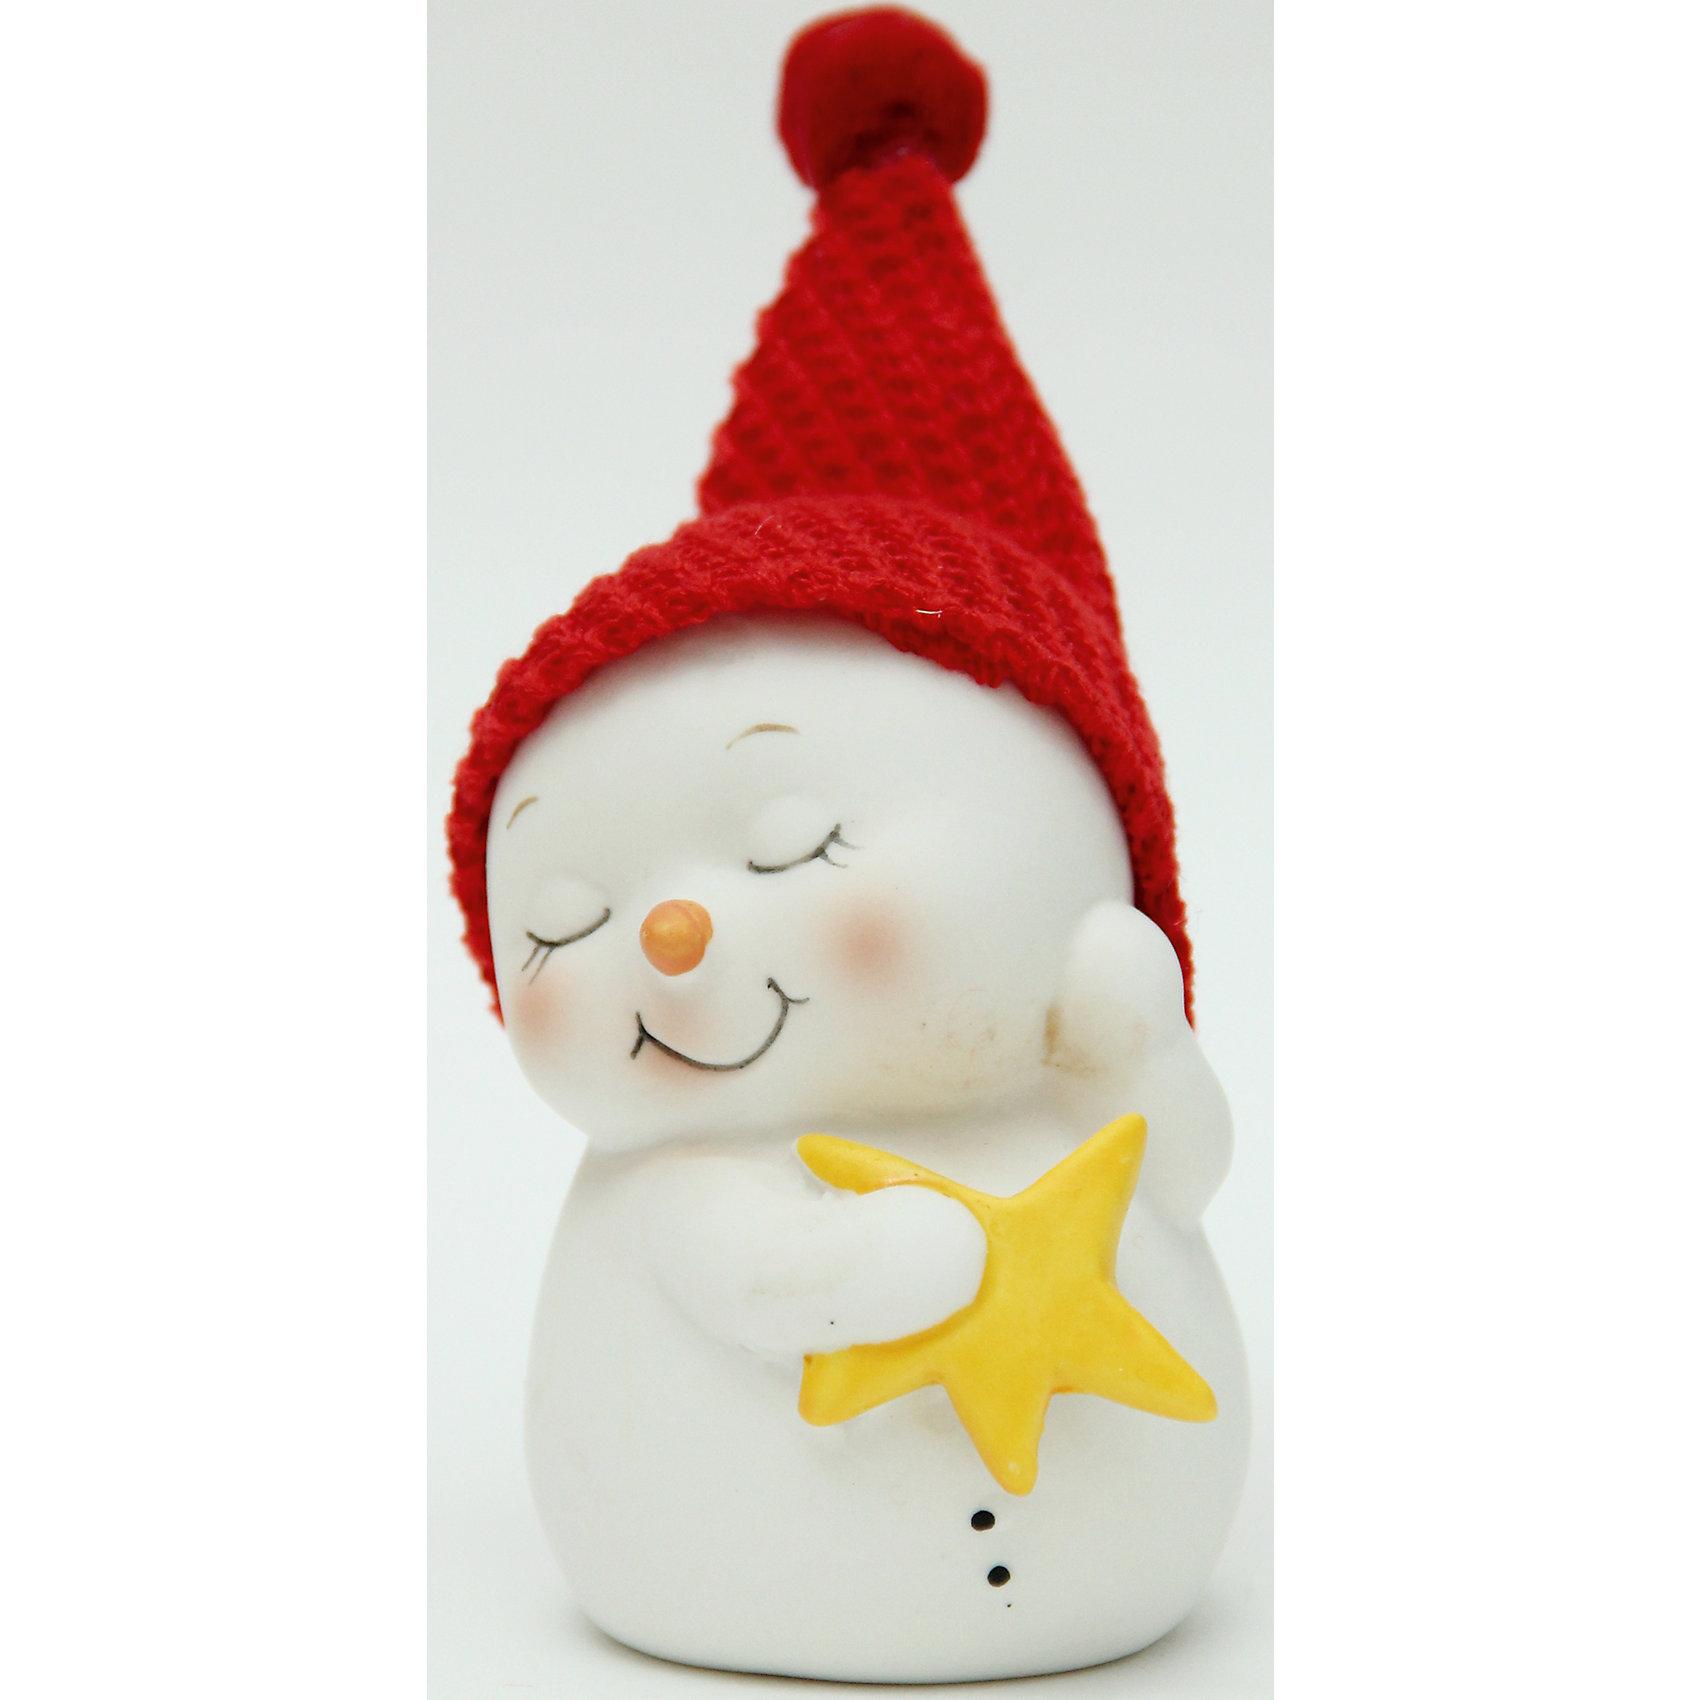 Новогодняя фигурка снеговика Снеговик со звездой  (8см, керамика)Новогодняя фигурка снеговика Снеговик со звездой арт.38337 (8см, керамика)<br><br>Ширина мм: 60<br>Глубина мм: 60<br>Высота мм: 80<br>Вес г: 131<br>Возраст от месяцев: 60<br>Возраст до месяцев: 600<br>Пол: Унисекс<br>Возраст: Детский<br>SKU: 5144555